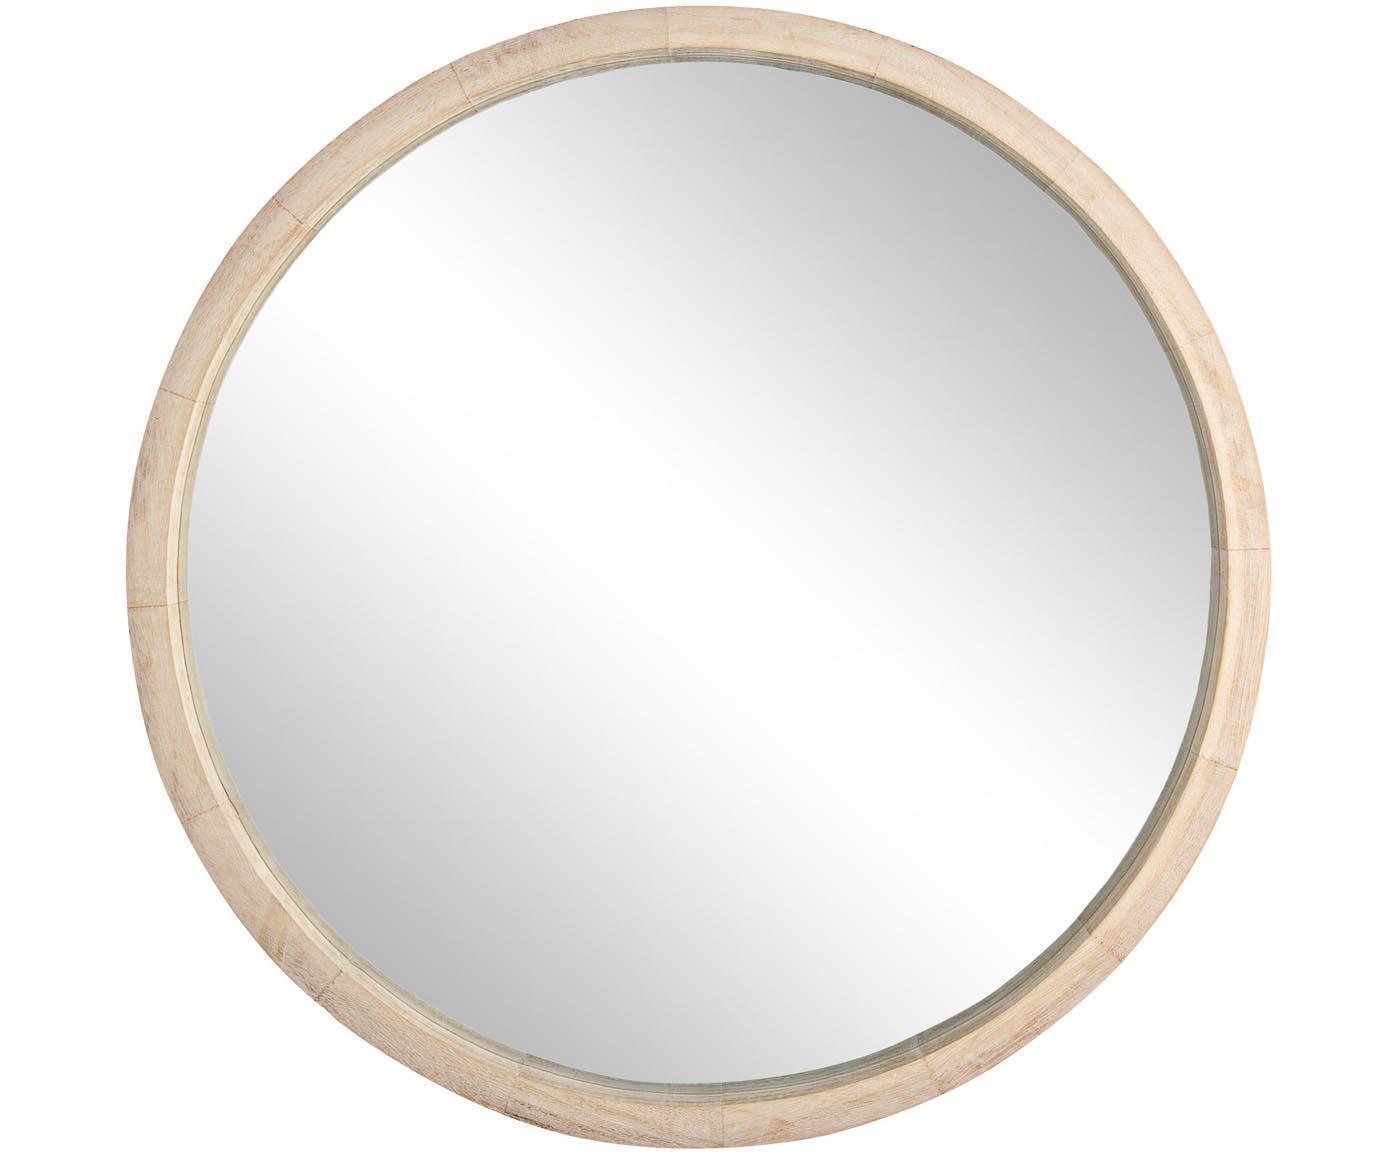 Okrągłe lustro ścienne z drewna Tiziano, Drewno paulowania, Ø 52  x W 52 cm